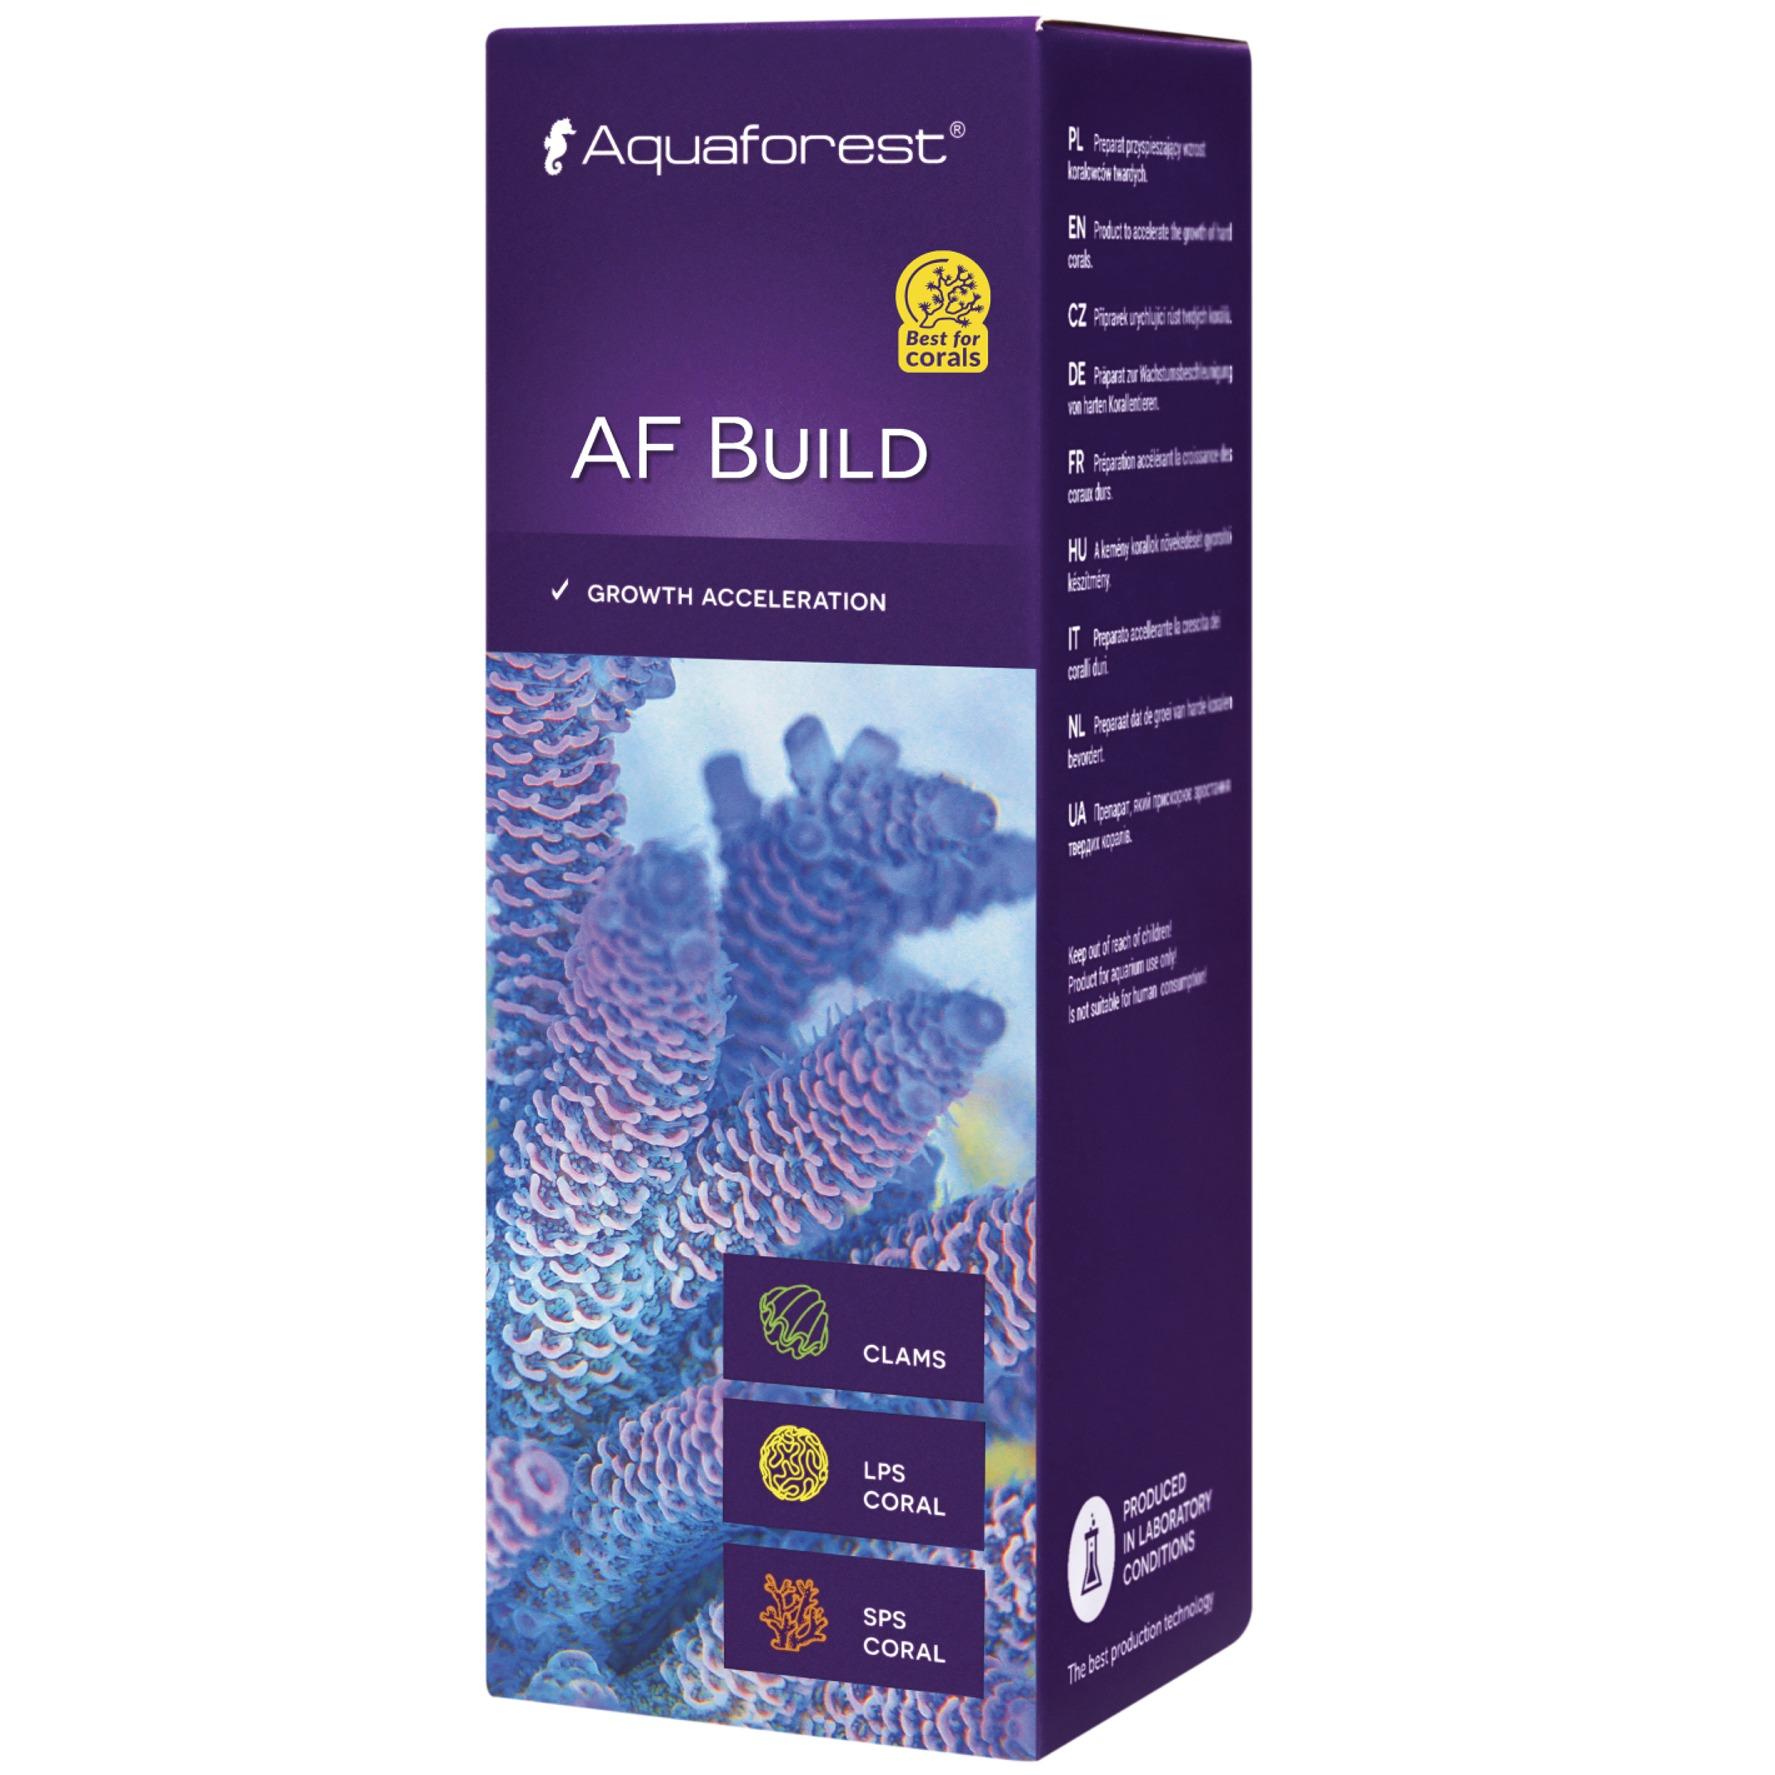 AQUAFOREST AF Build 50 ml préparation à base de iodes, carbonates, calcium, permettant d'accélérer la croissance des coraux